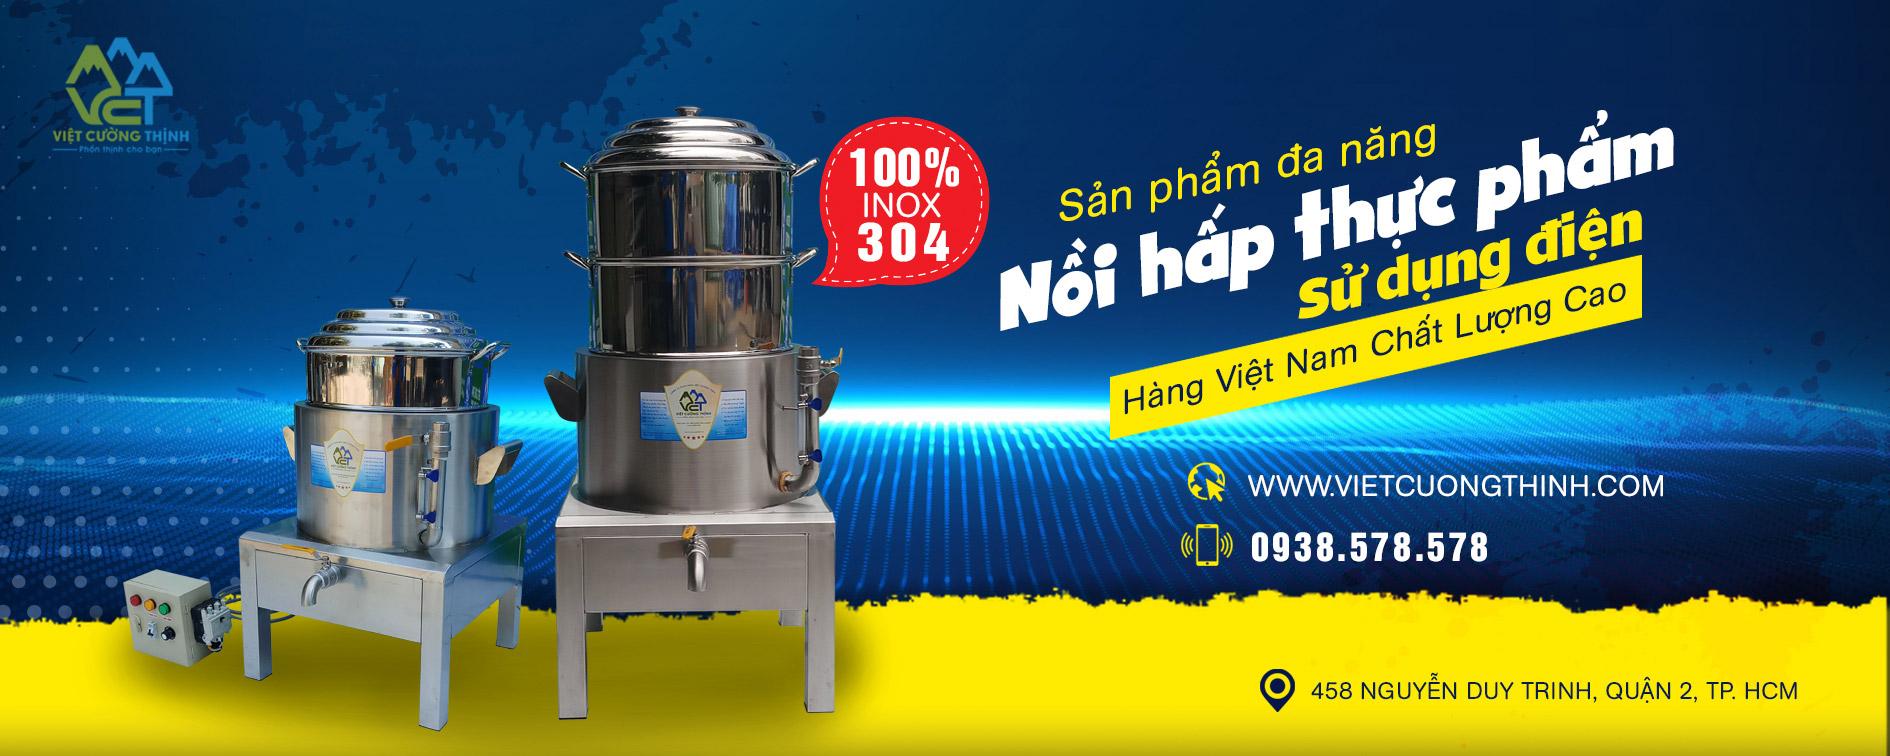 Nồi hấp thực phẩm bằng điện chất lượng cao Việt Cường Thịnh